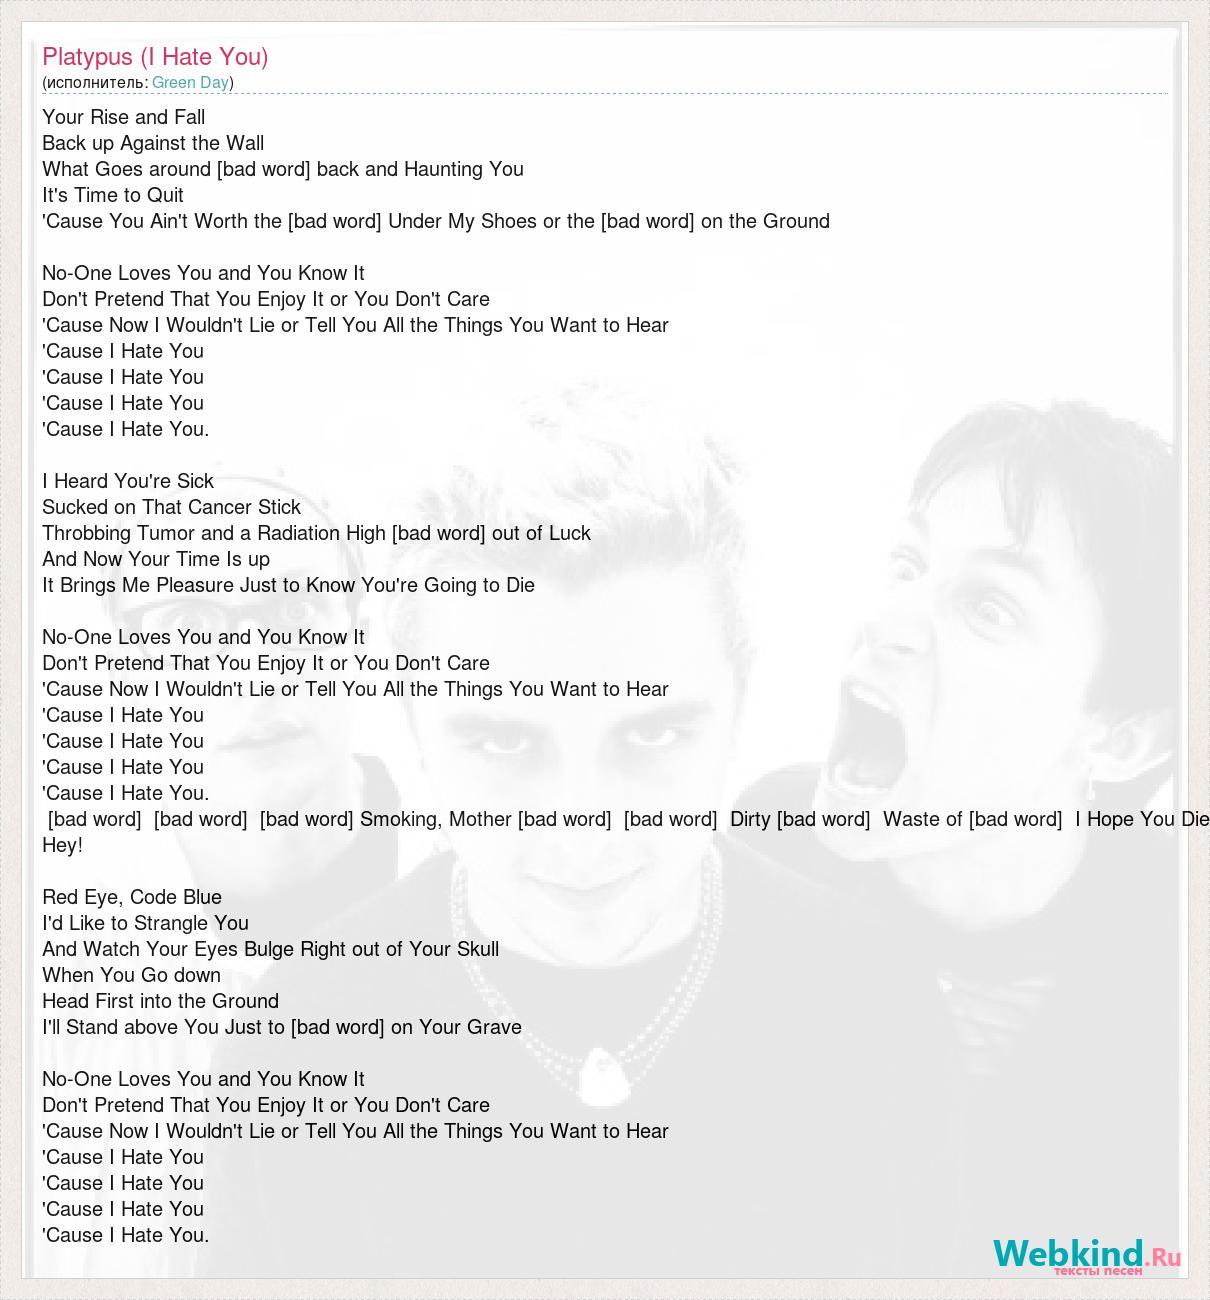 Текст песни Platypus (I Hate You), слова песни